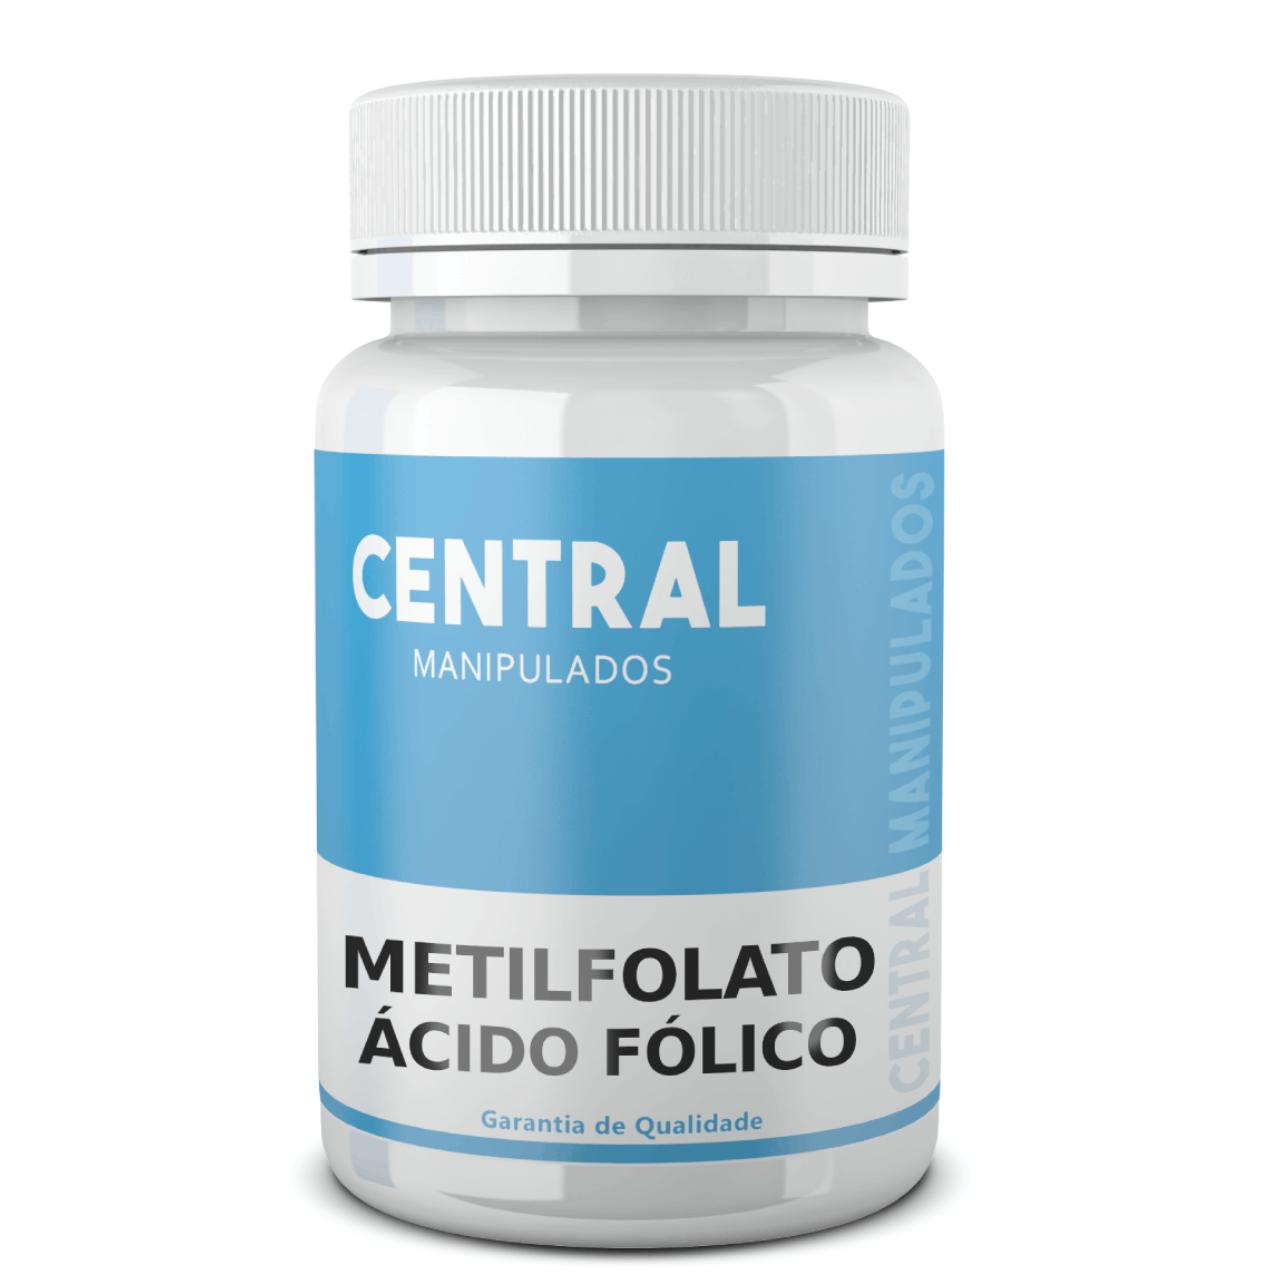 Metilfolato 800 mcg - 60 cápsulas - FORMA ATIVO DO ÁCIDO FÓLICO